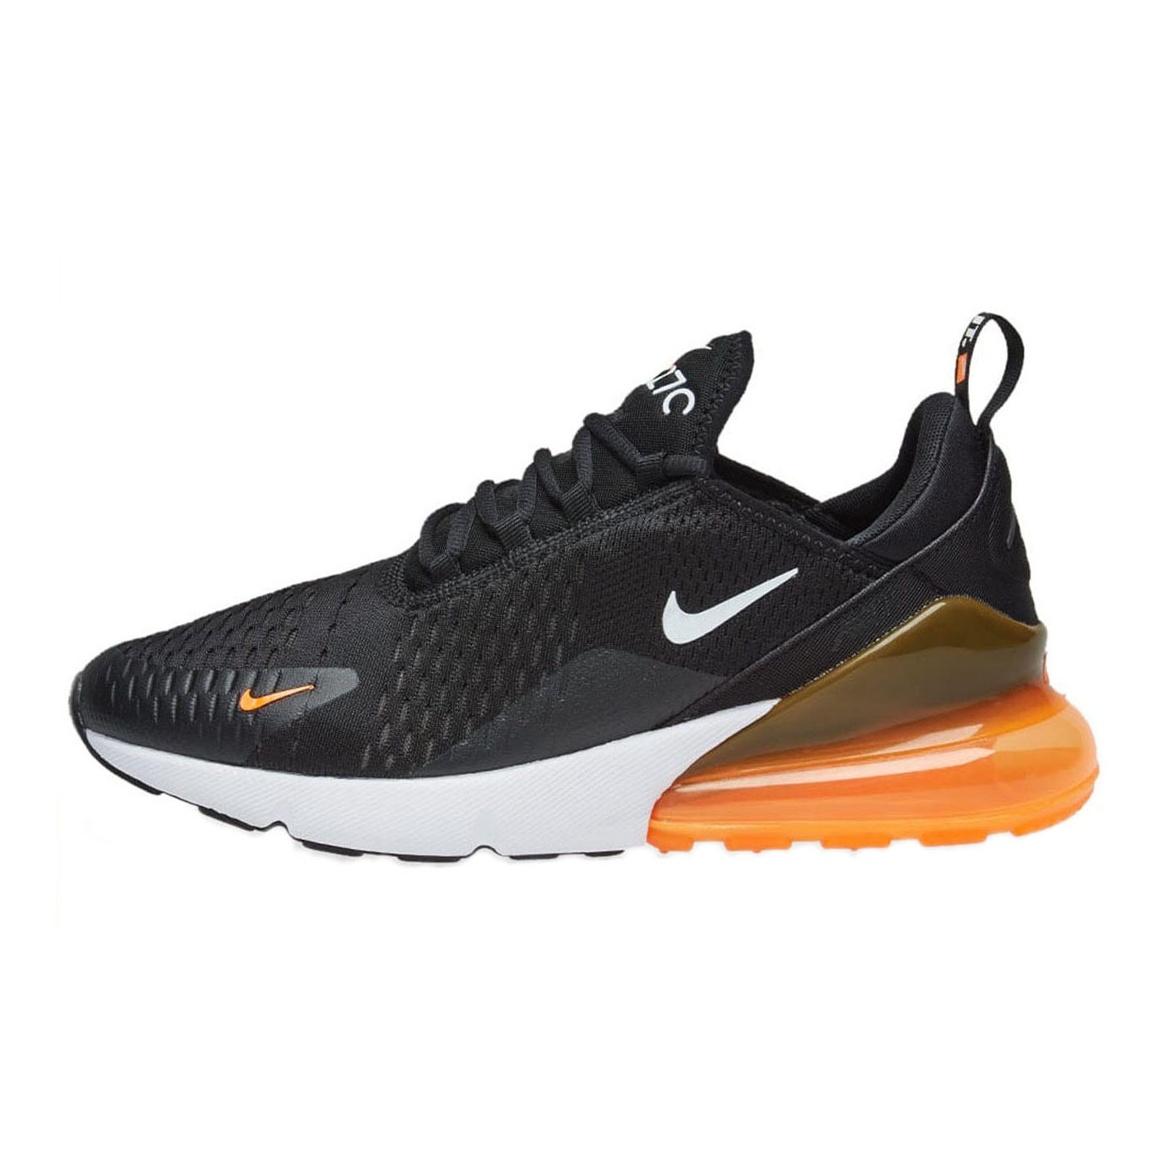 کفش مخصوص پیاده روی زنانه مدل air max 270 کد 071